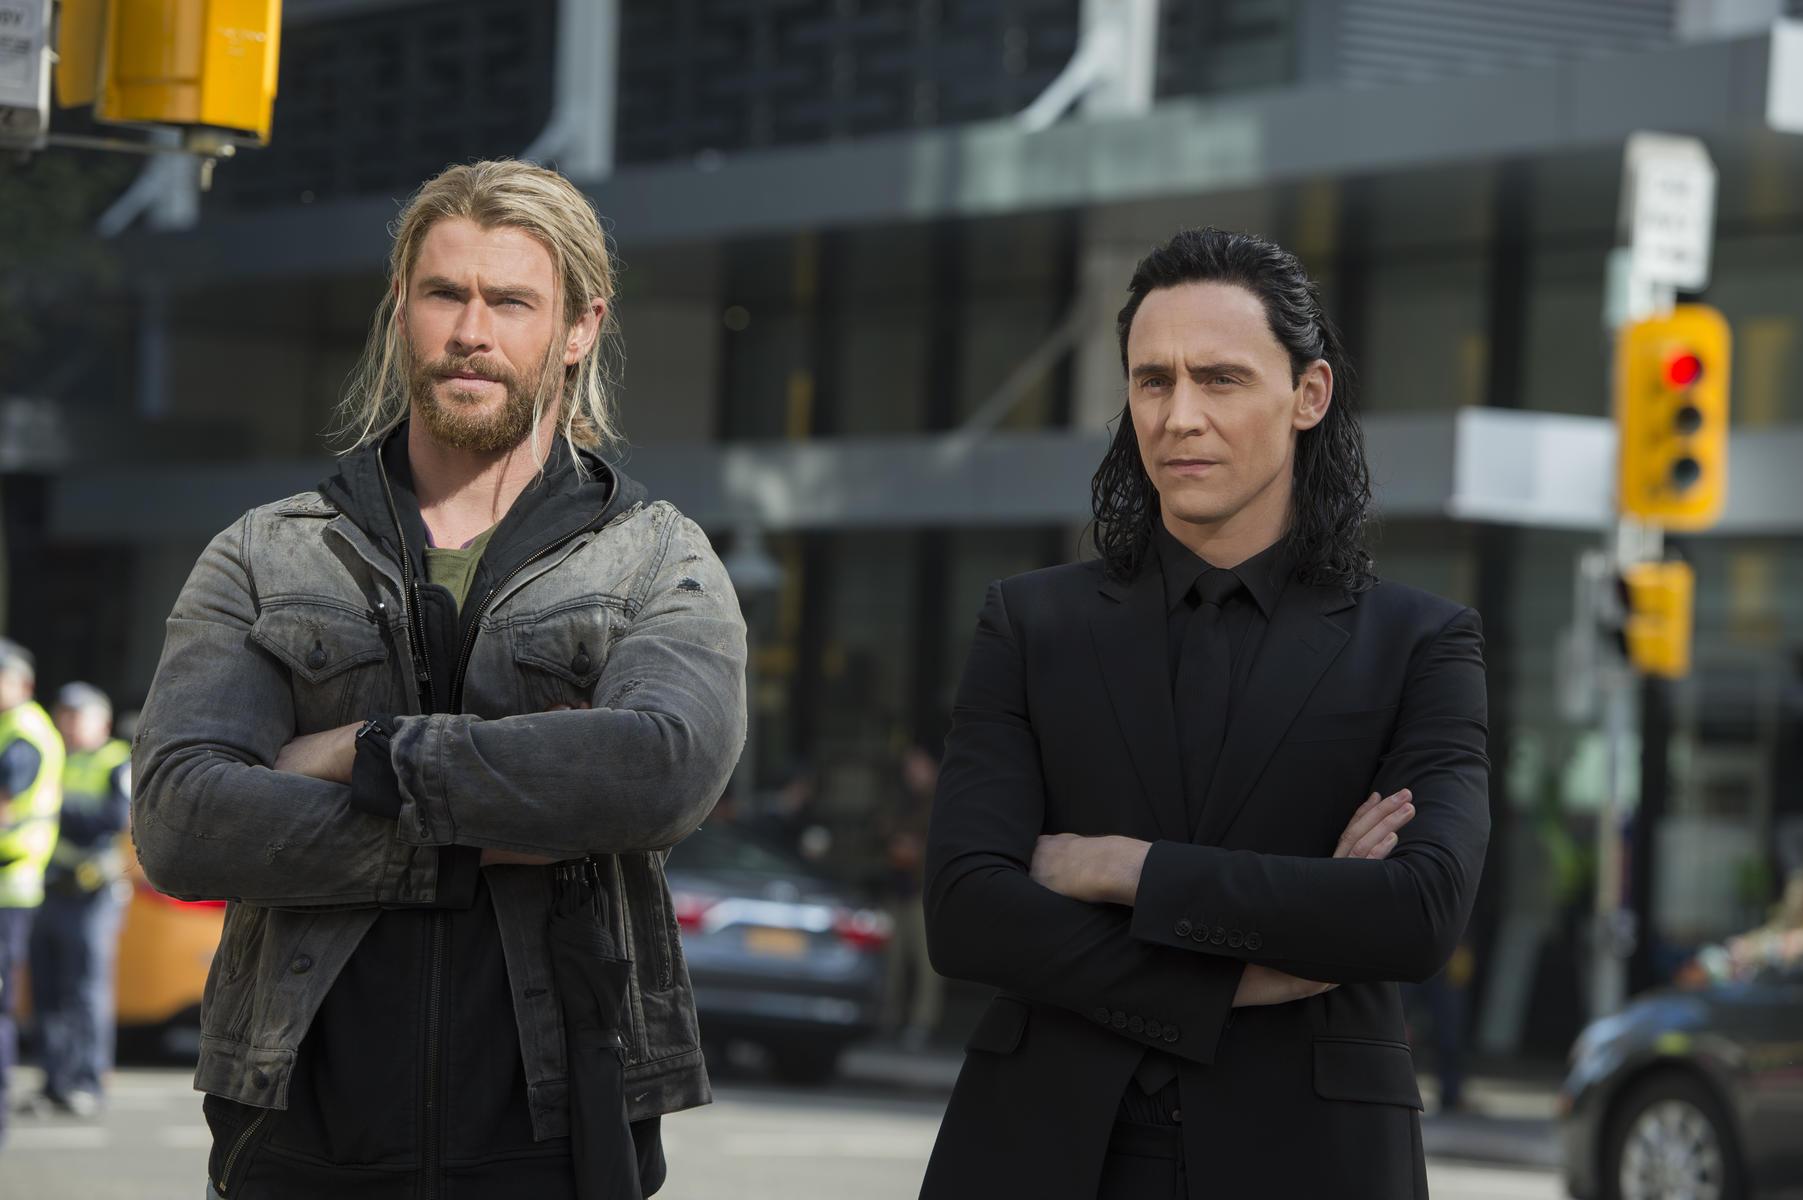 thor-3-tag-der-entscheidung-mit-tom-hiddleston-und-chris-hemsworth